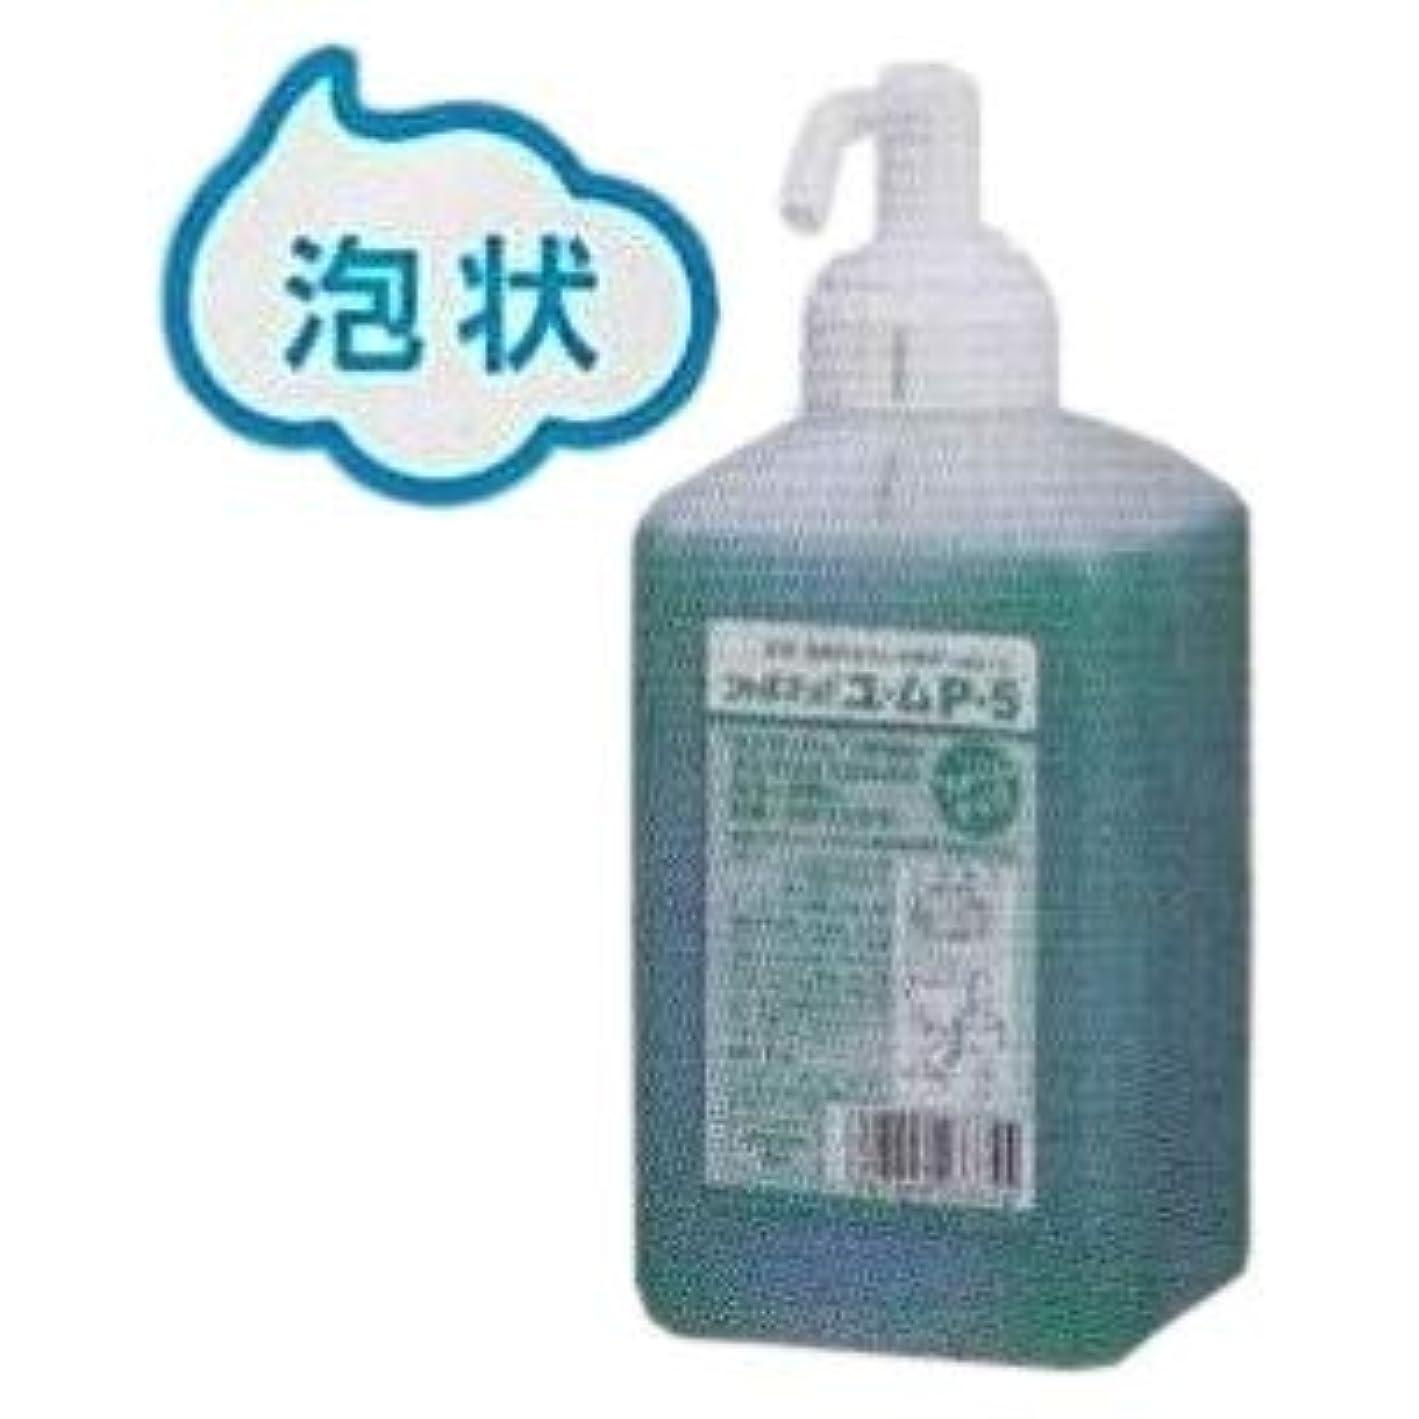 解明する呼ぶ虚偽サラヤ シャボネット ユ?ムP-5 1kg泡ポンプ付 無香料 サラヤ商品コード:23335